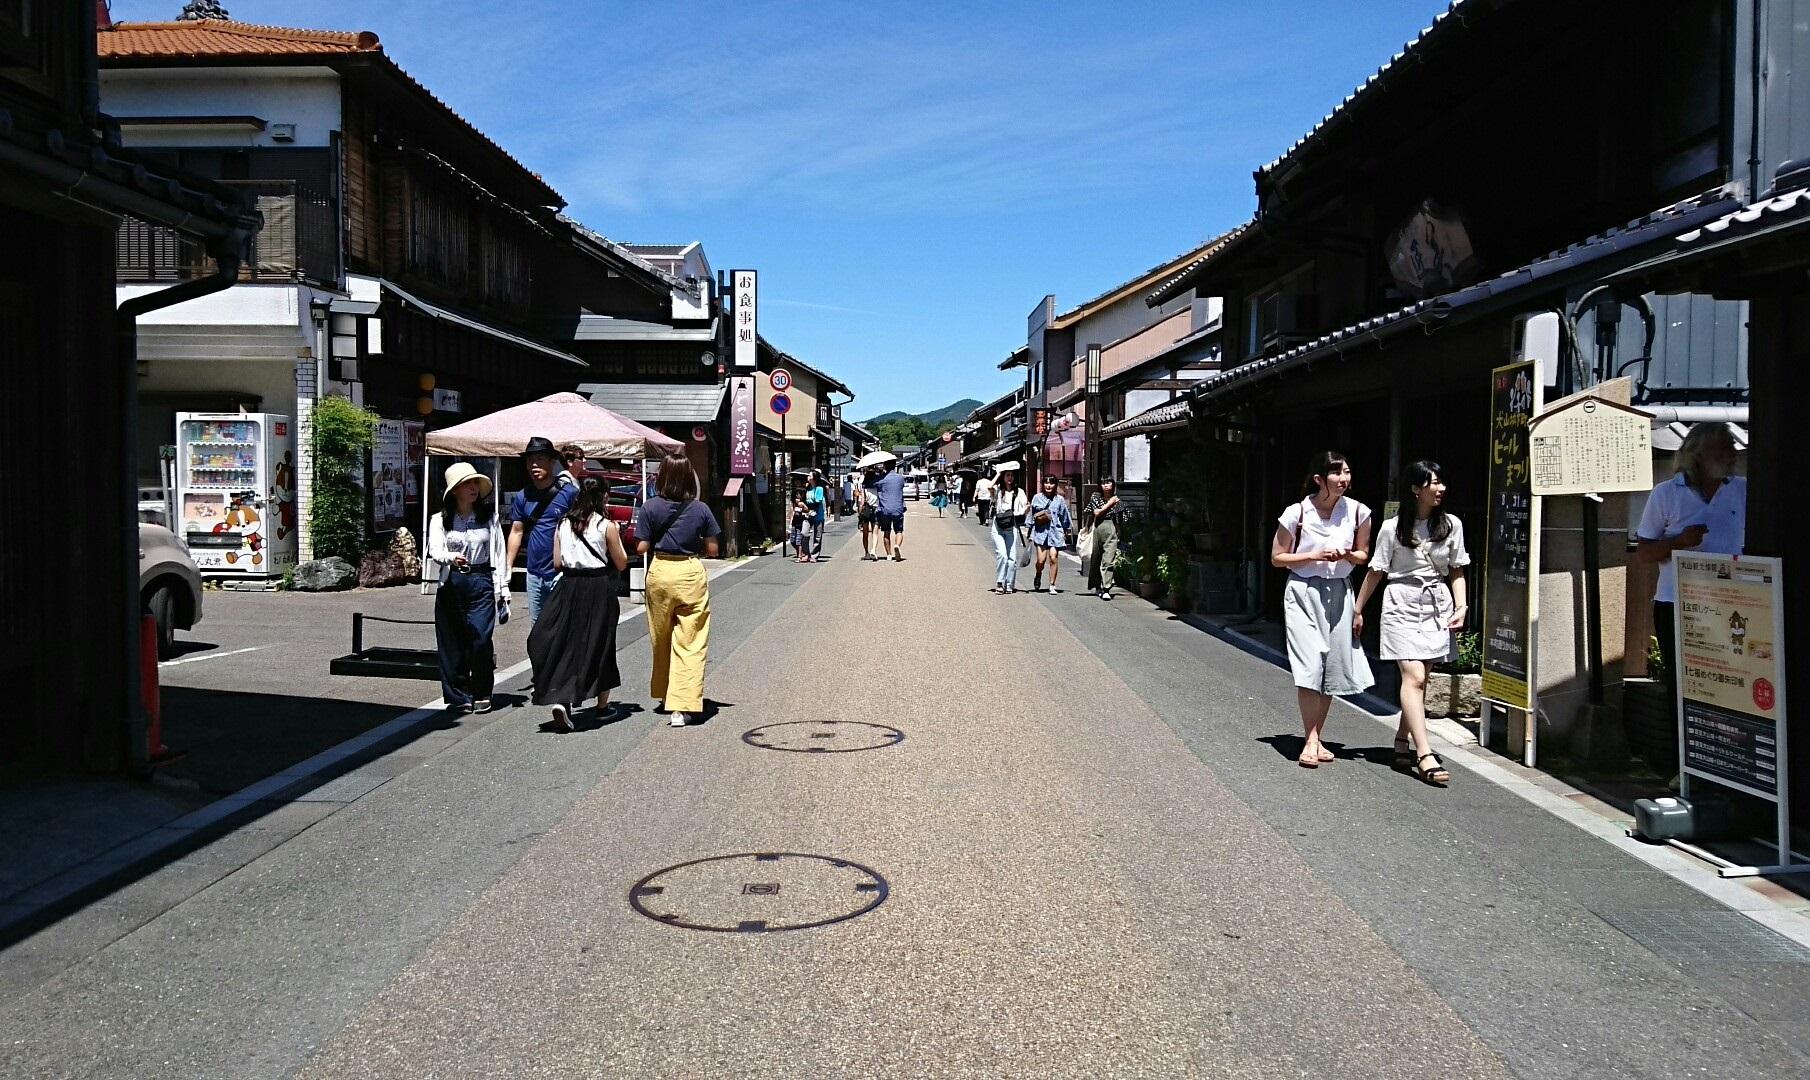 2018.8.17 (82あ) 犬山 - 本町どおり 1810-1080